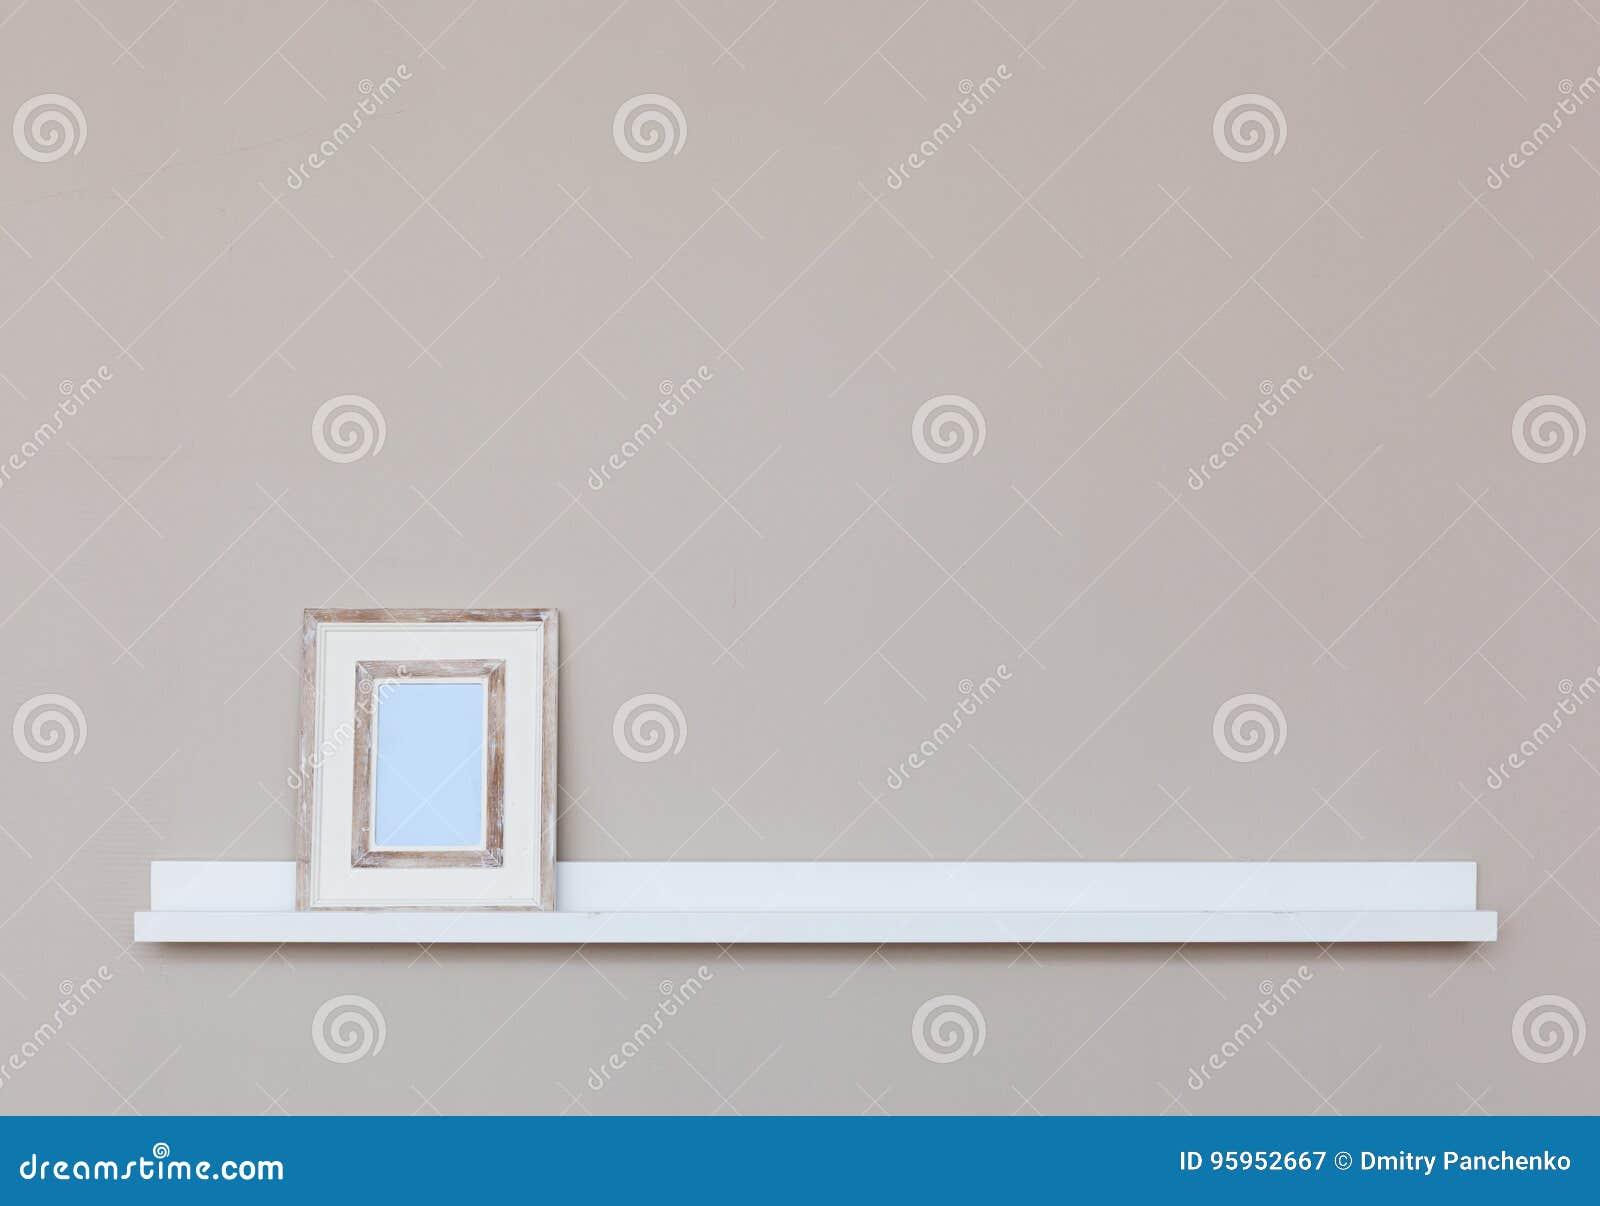 Kleines Weißes Regal Mit Bilderrahmen Auf Wand Stockbild - Bild von ...